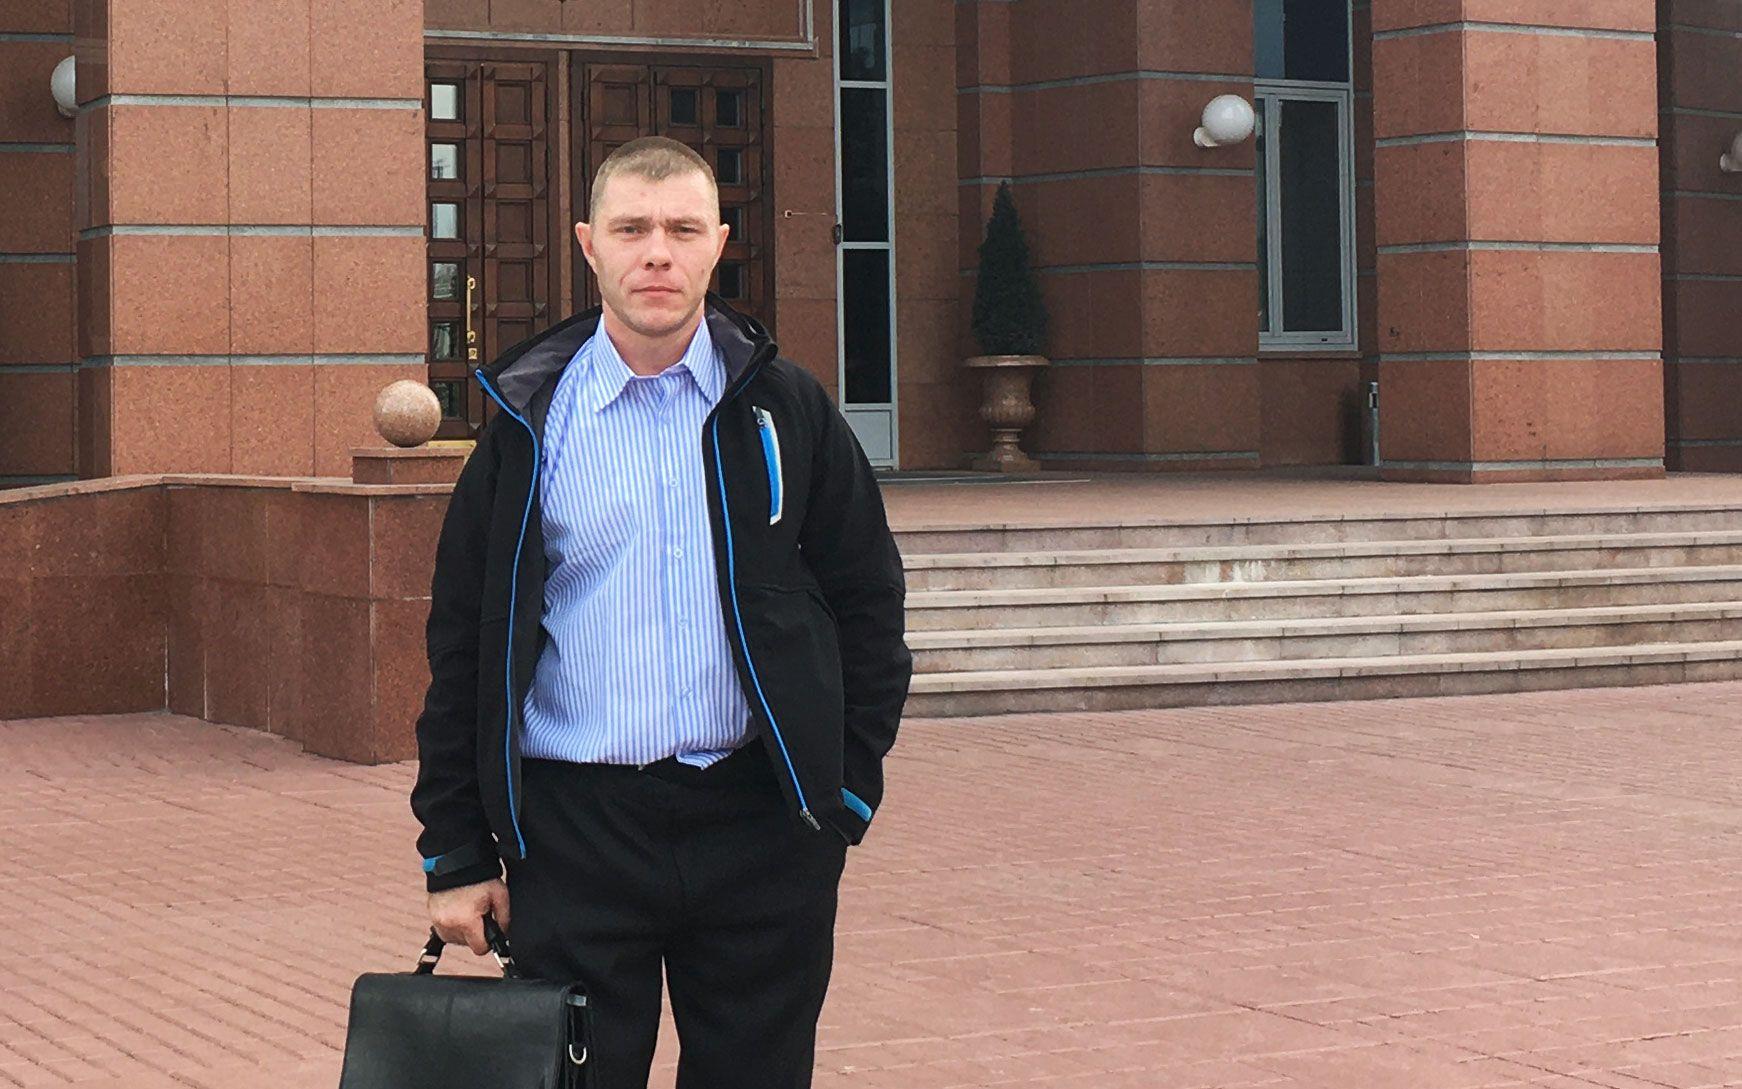 Сергей Белокопытов после заседания суда — его 12-летнего сына органы опеки пытались отобрать дважды.